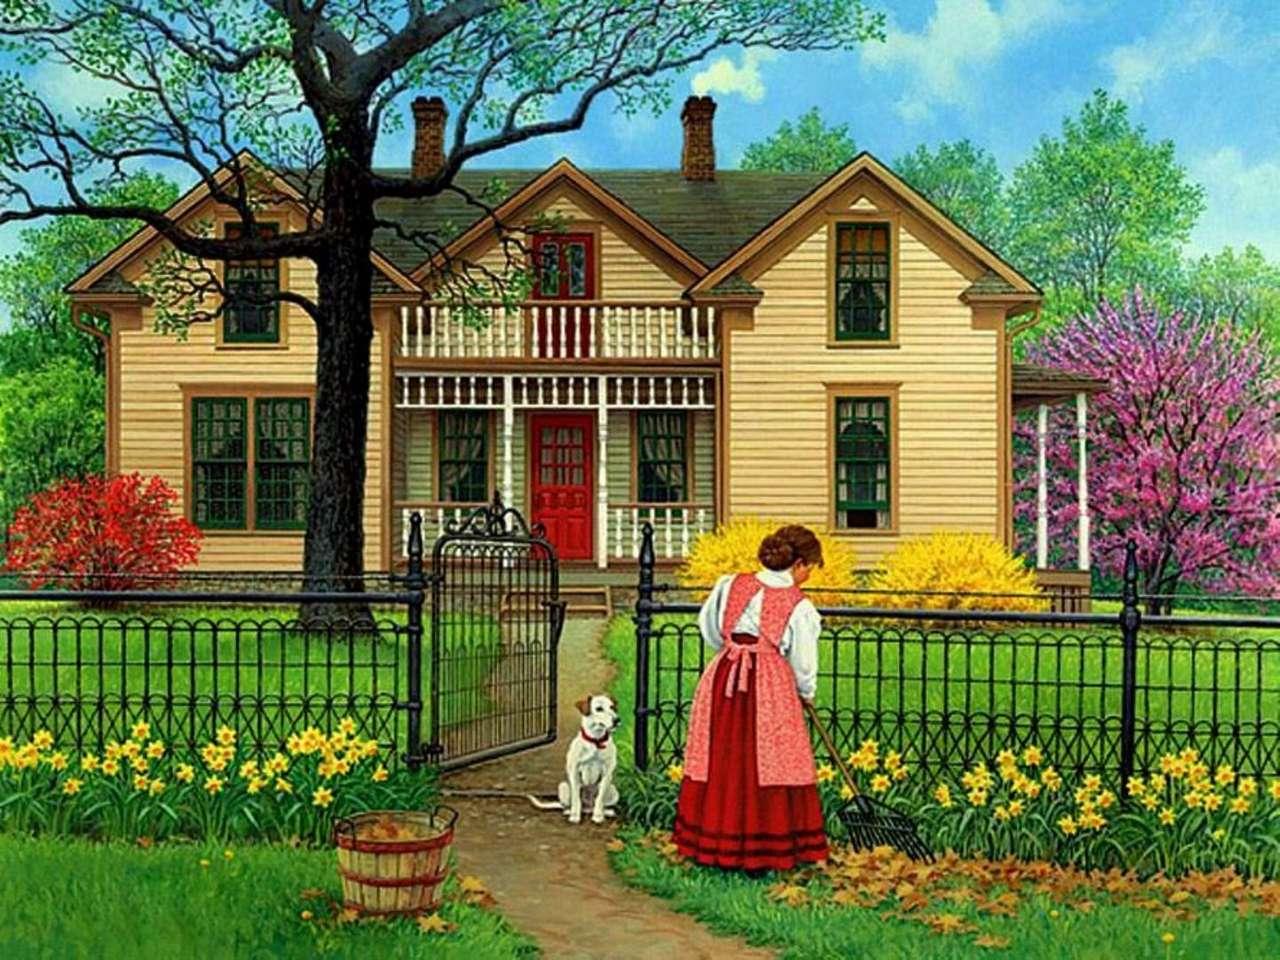 Casa com jardim (10×8)